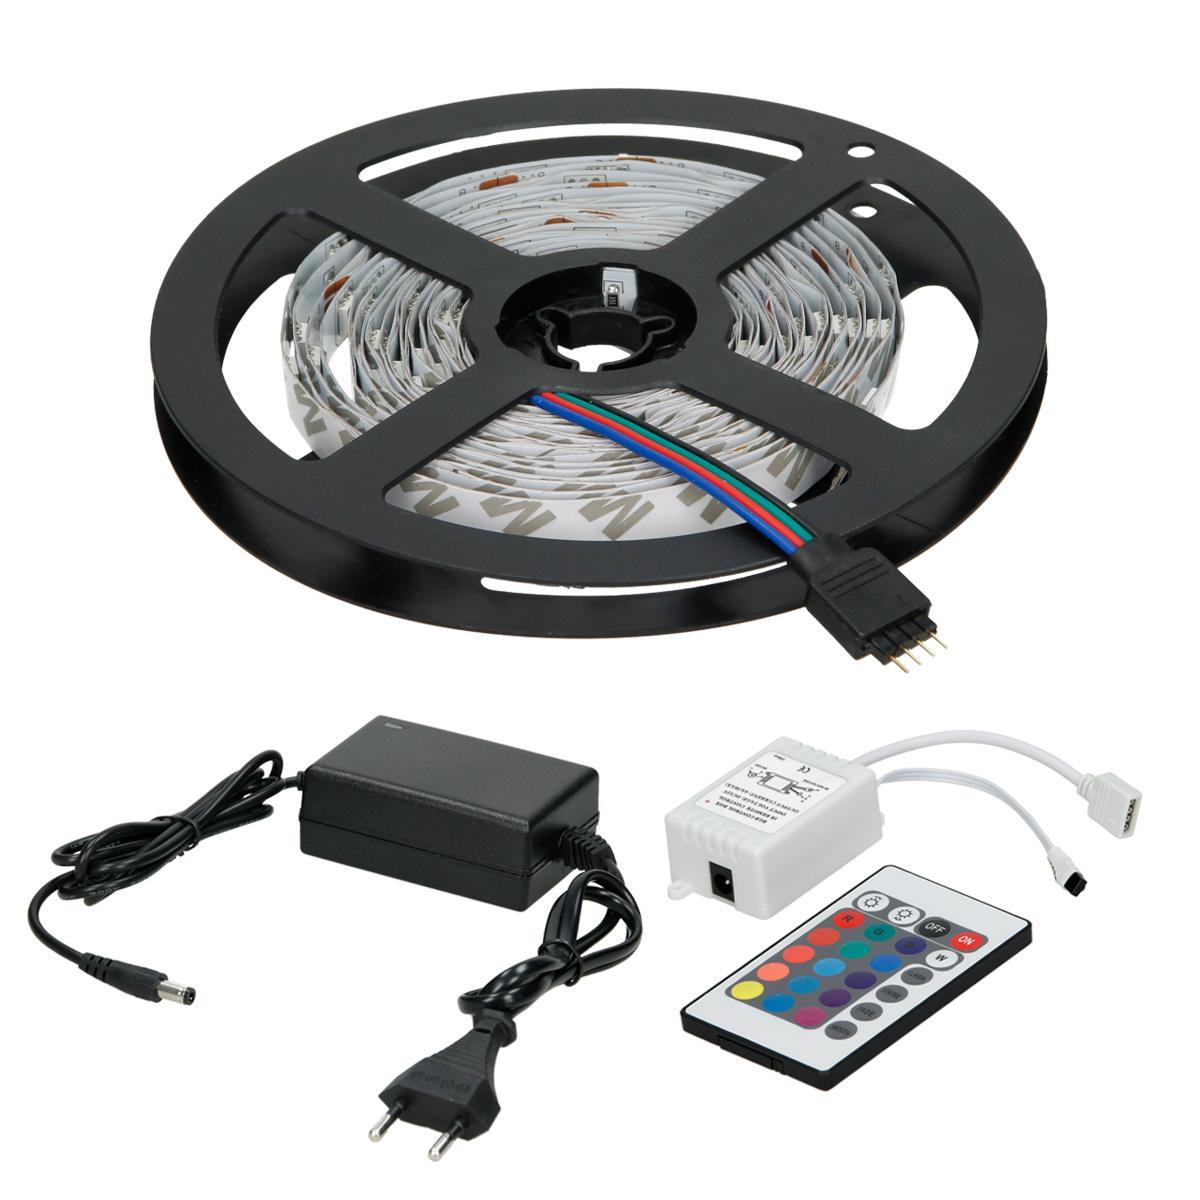 Ecd Germany ECD Germany Set 1x 10m (2x5m) Bande de LED RGB blanc SMD 3528 + 1x Transformateur 2A 60W 12V câble pour prise EU + 1x T